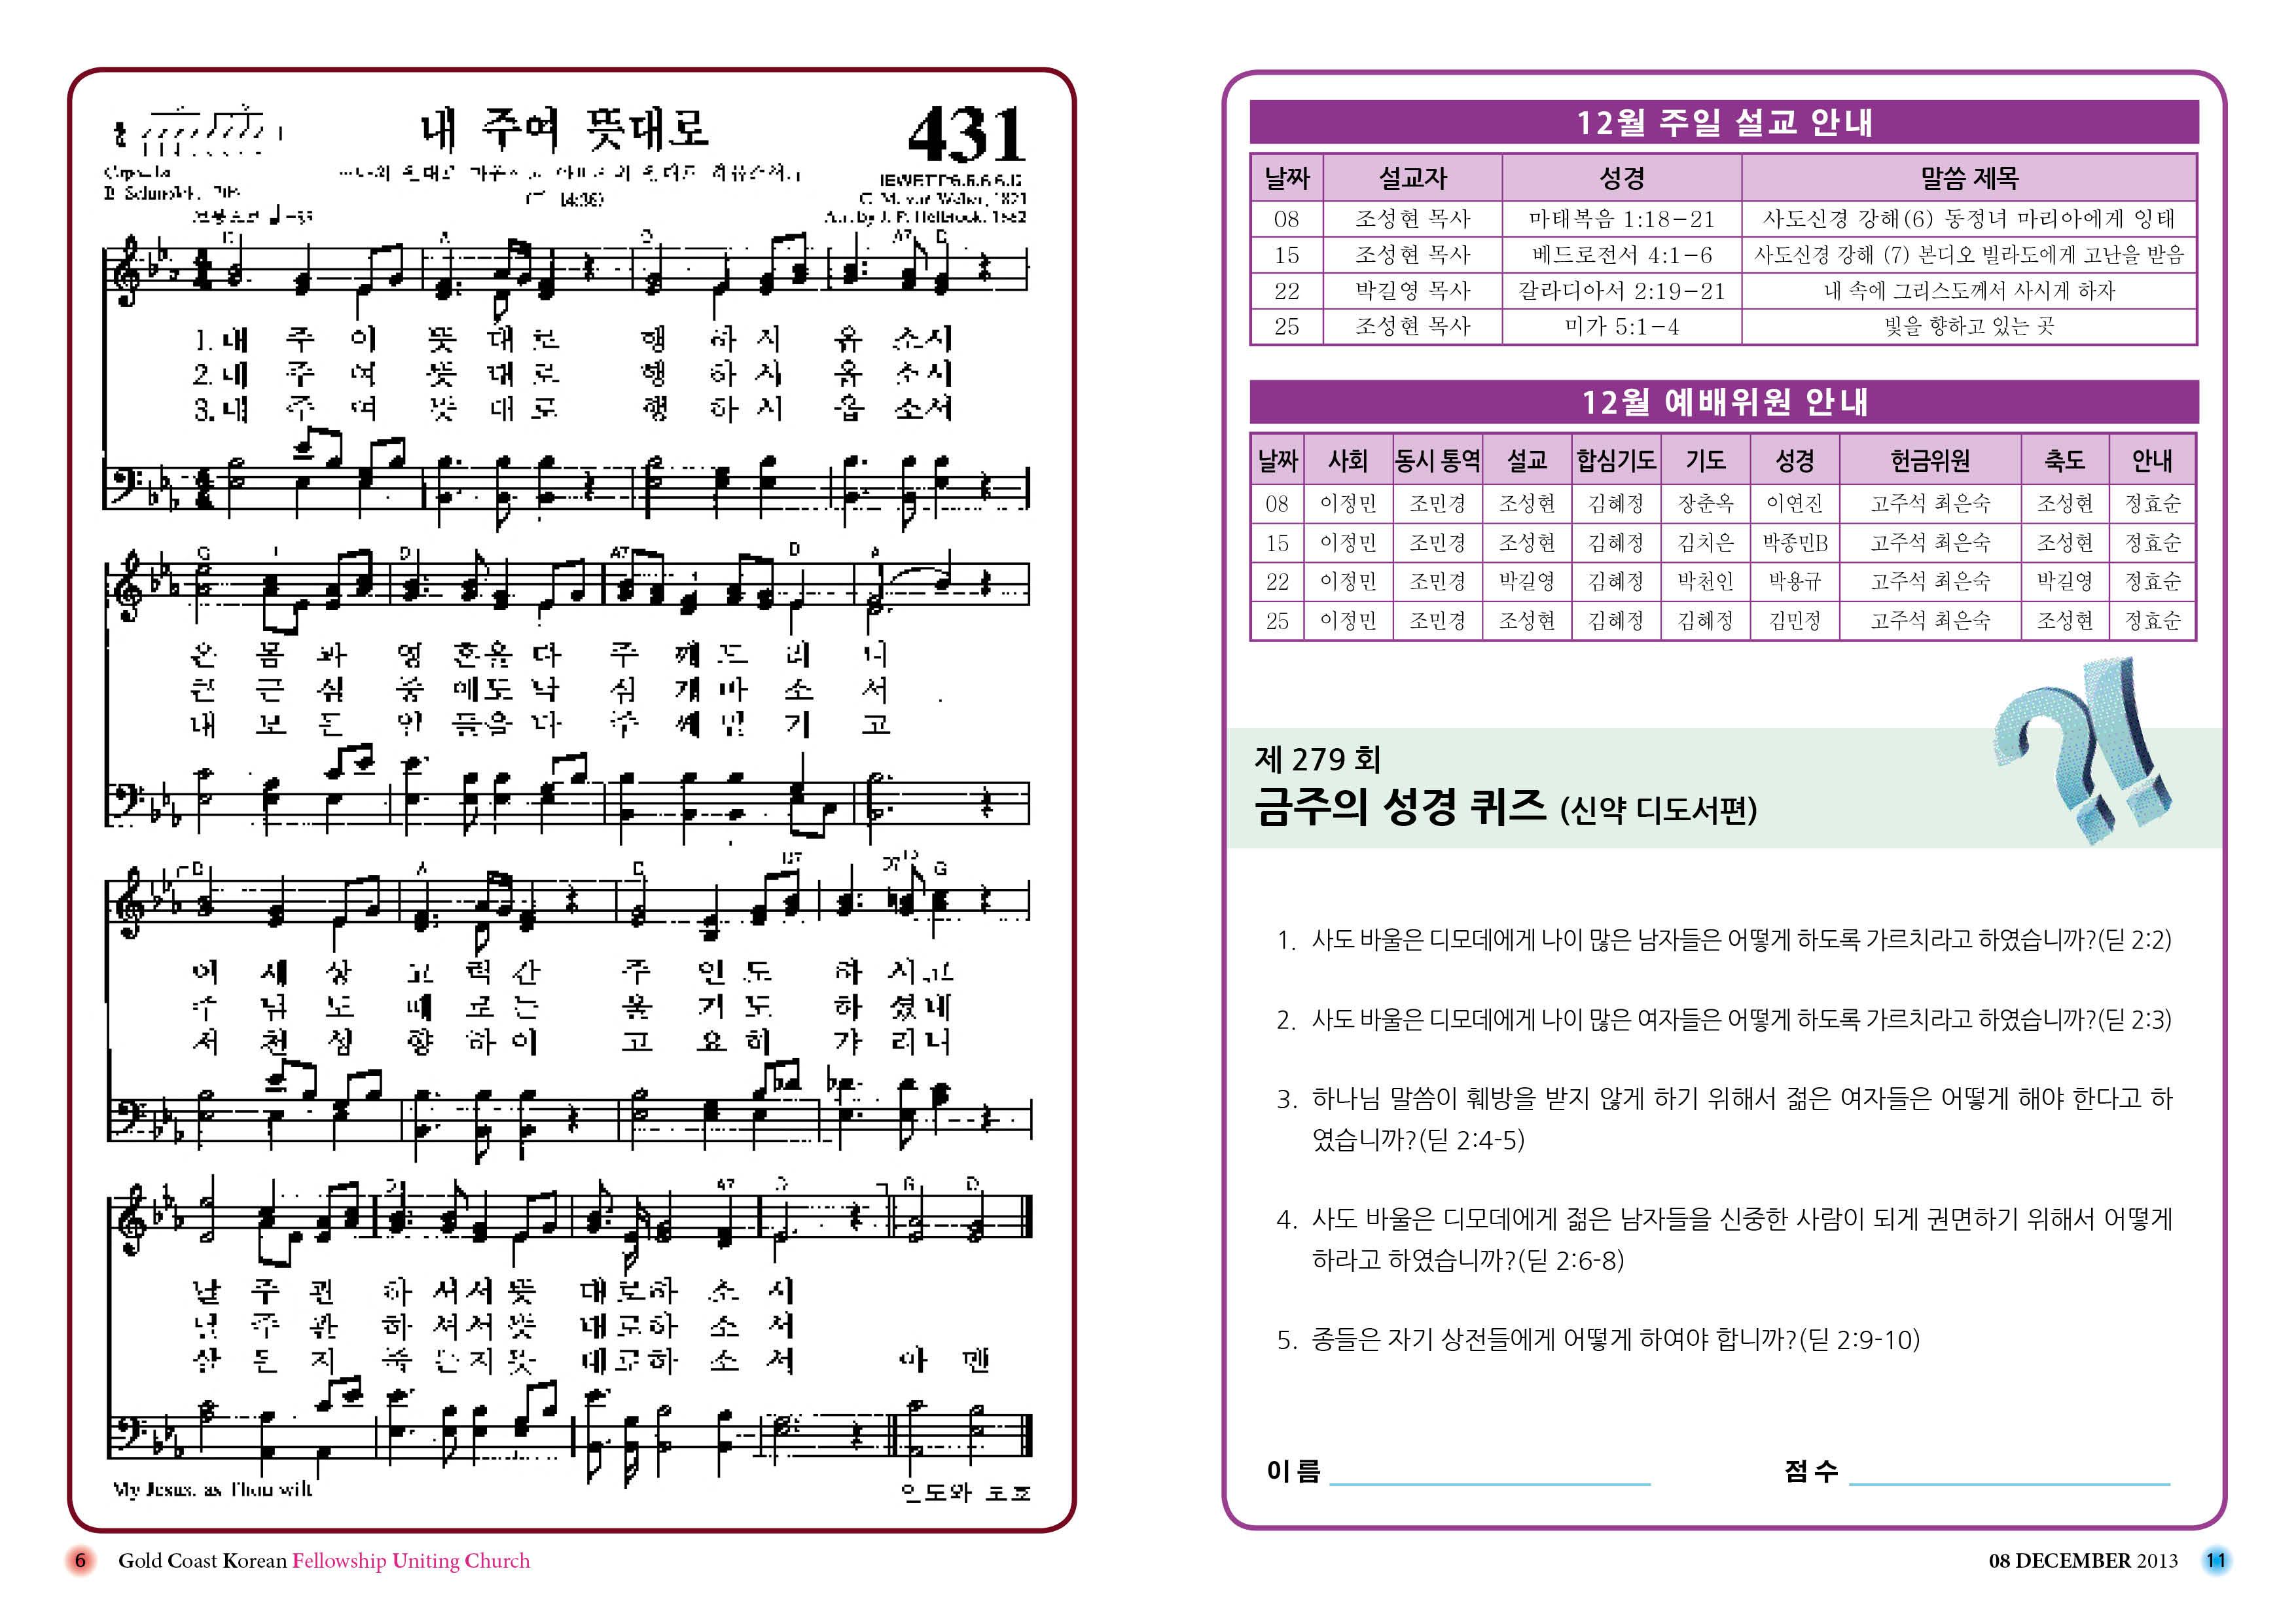 2013.12.08 주보(1차 수정)6.jpg